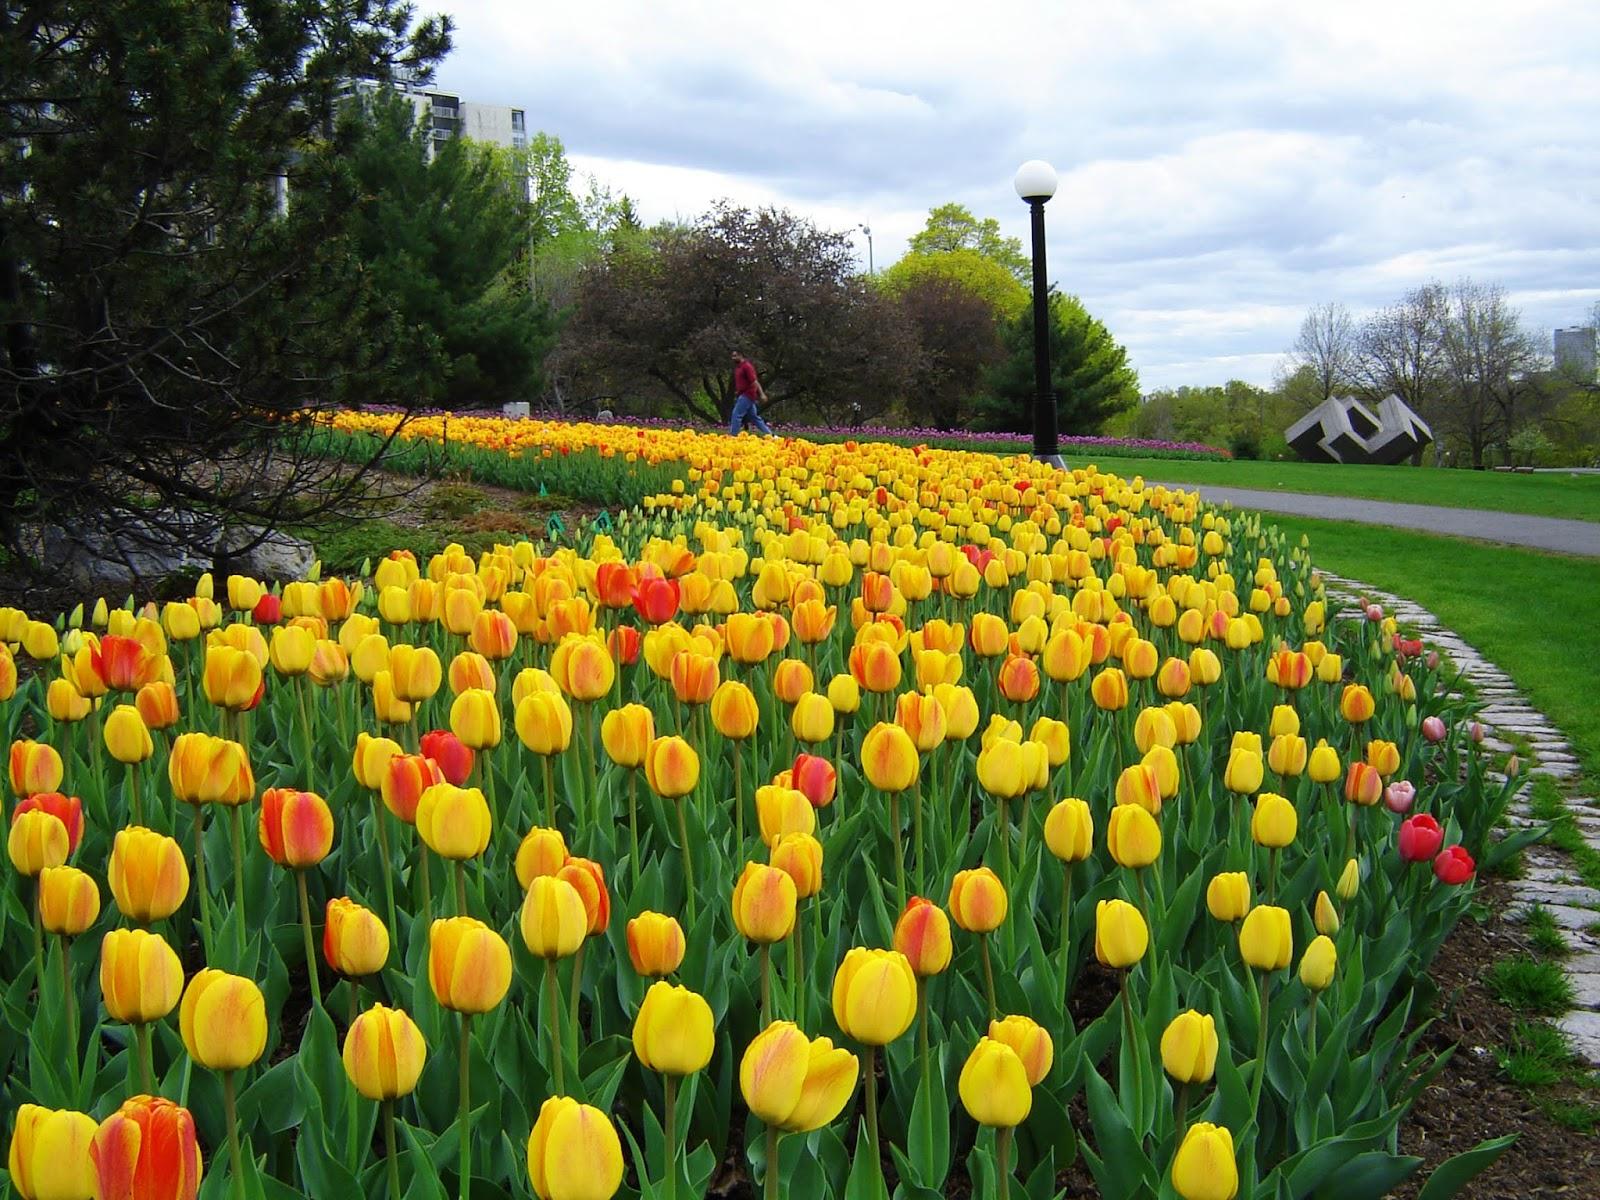 Gambar Bunga Tulip Belanda Indah Cantik Gambar Kata Kata